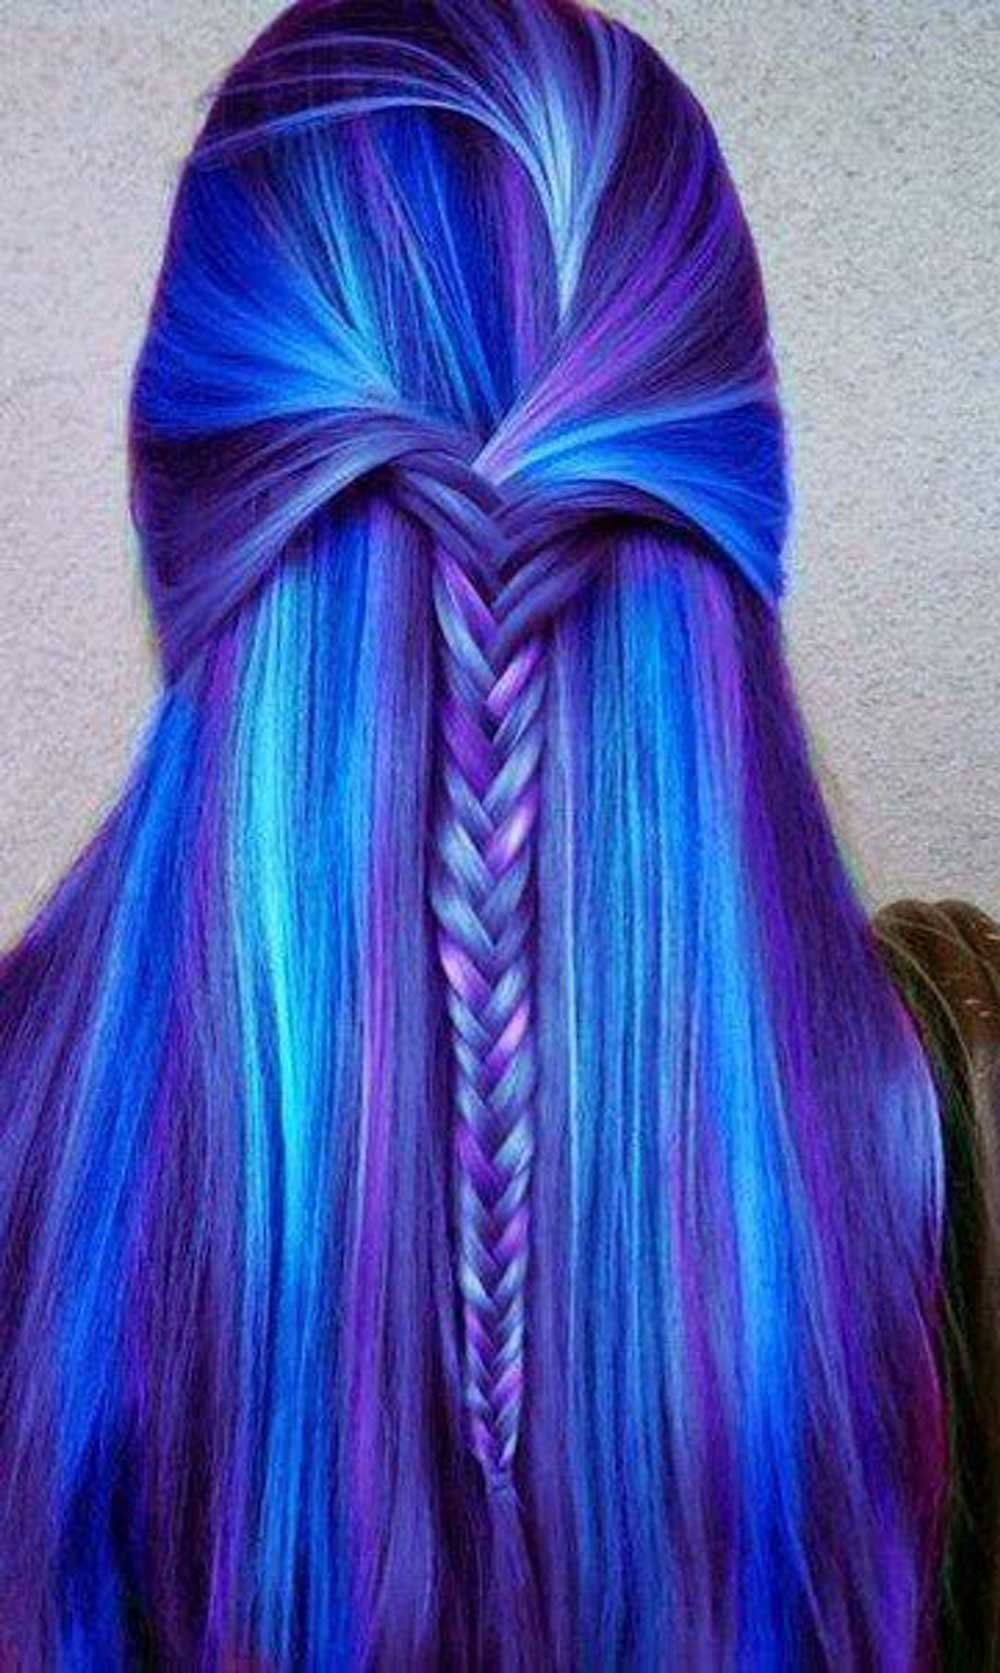 رنگ آبی برای موها